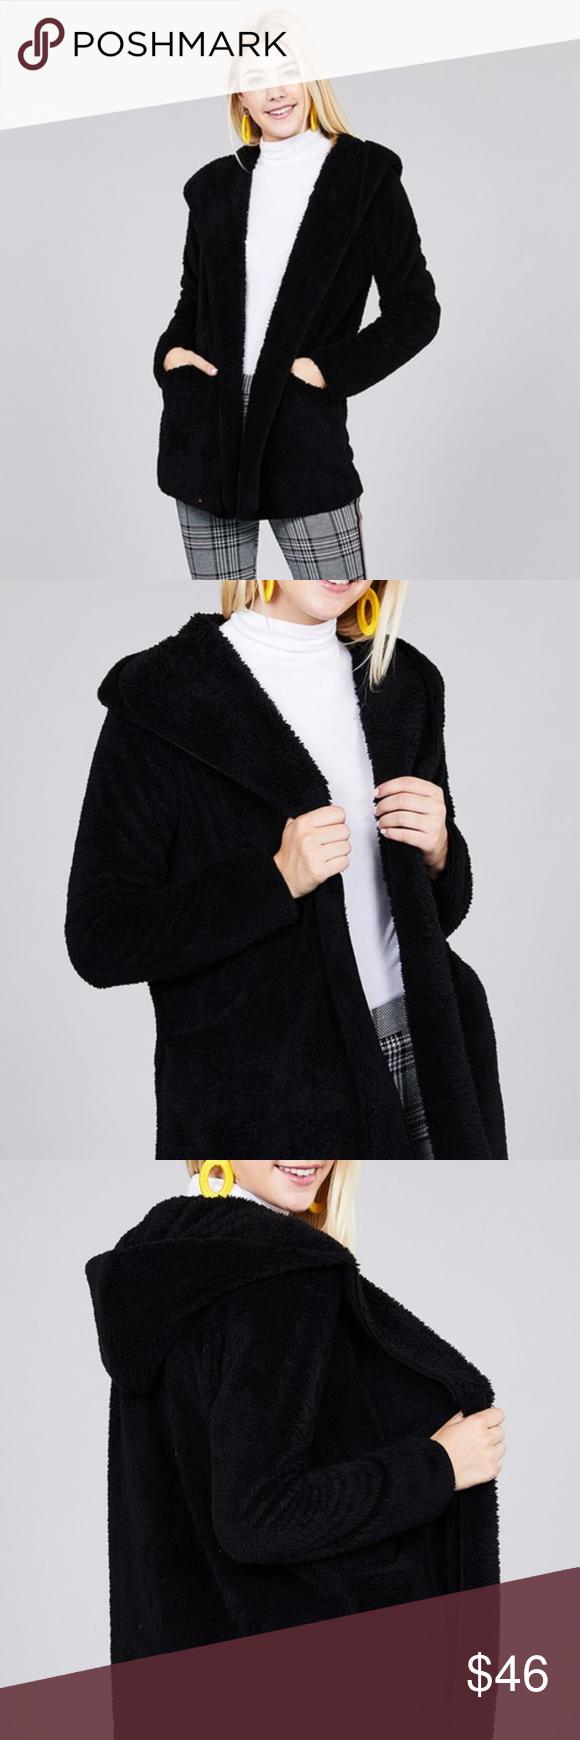 Black Open Front Faux Fur Hooded Jacket Super soft faux